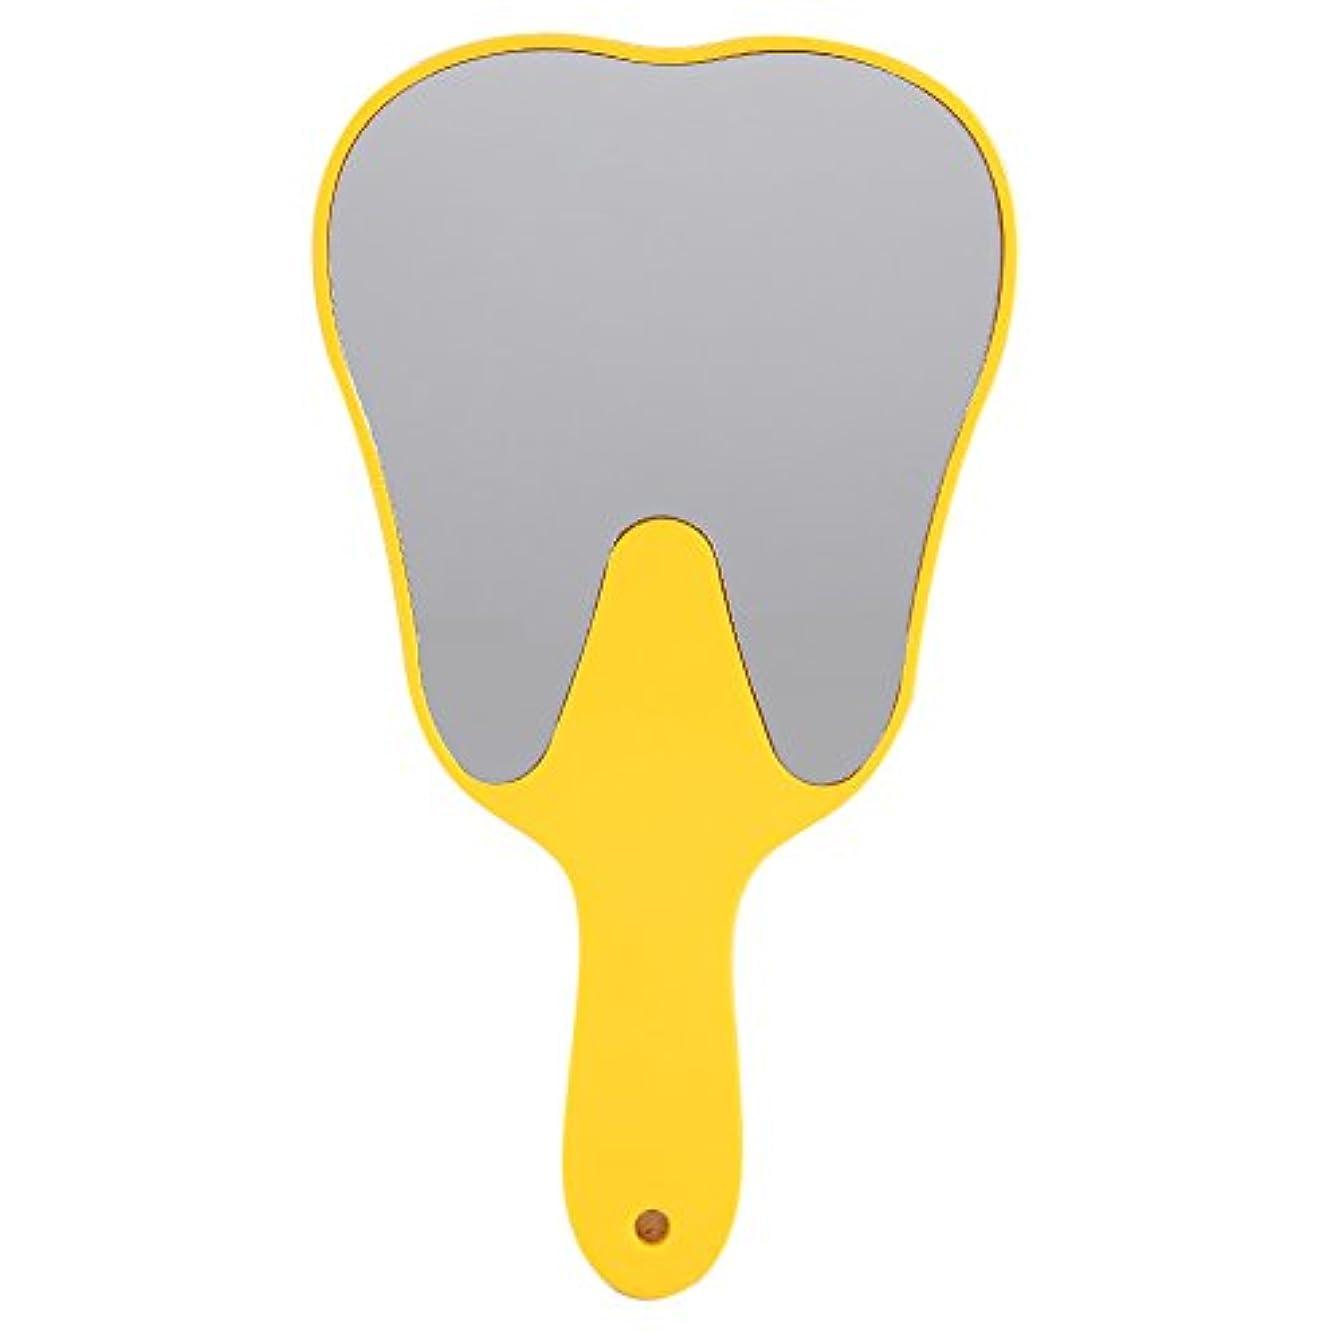 杖無視できるダーリンおしゃれな便利なかわいいプラスチックハンドル歯歯科ケアハンドミラーツール(黄色)